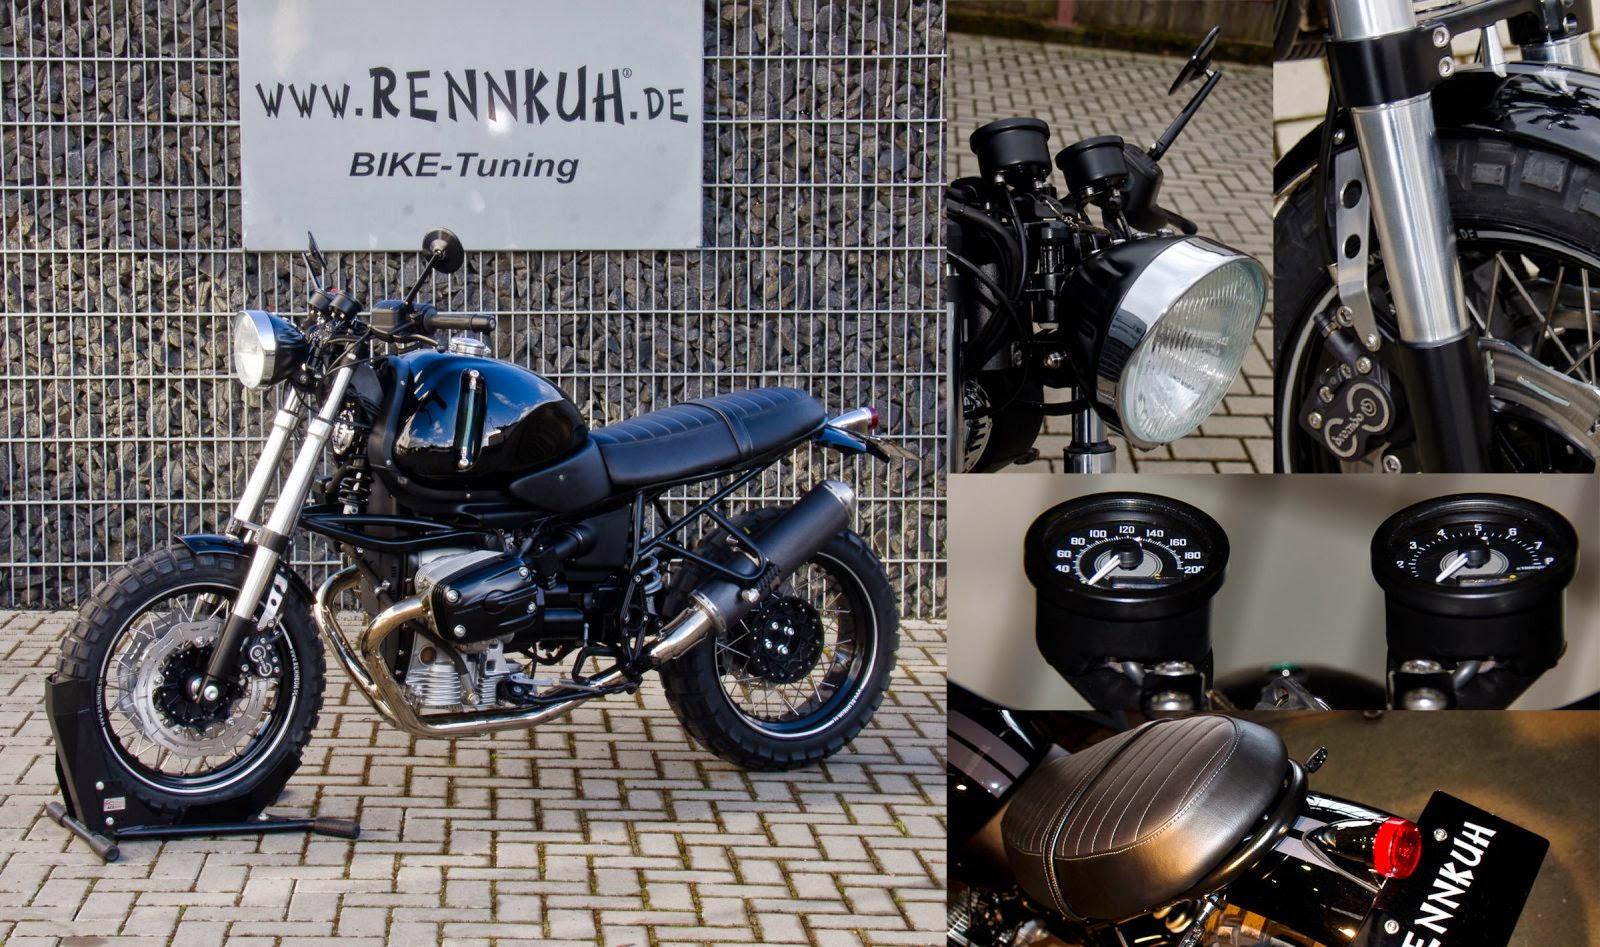 Racing Cafè: BMW R 1150 GS Scrambler by Rennkuh